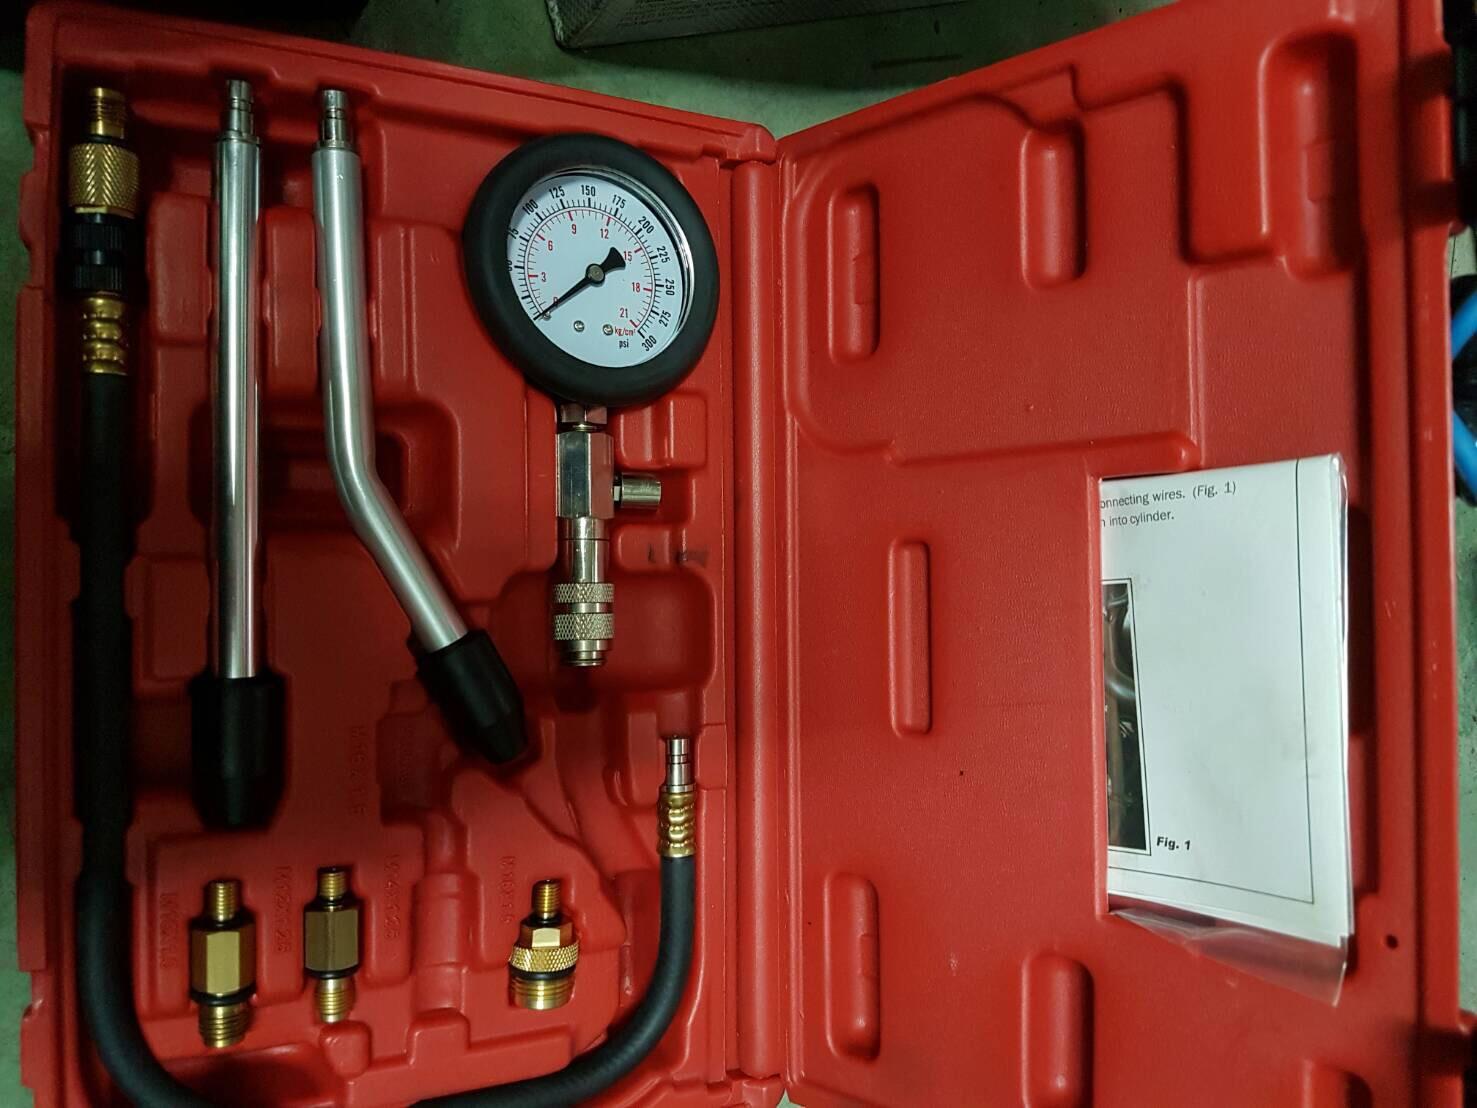 台南市安南區推薦維修廠長溪汽車保養場汽缸壓力檢測設備